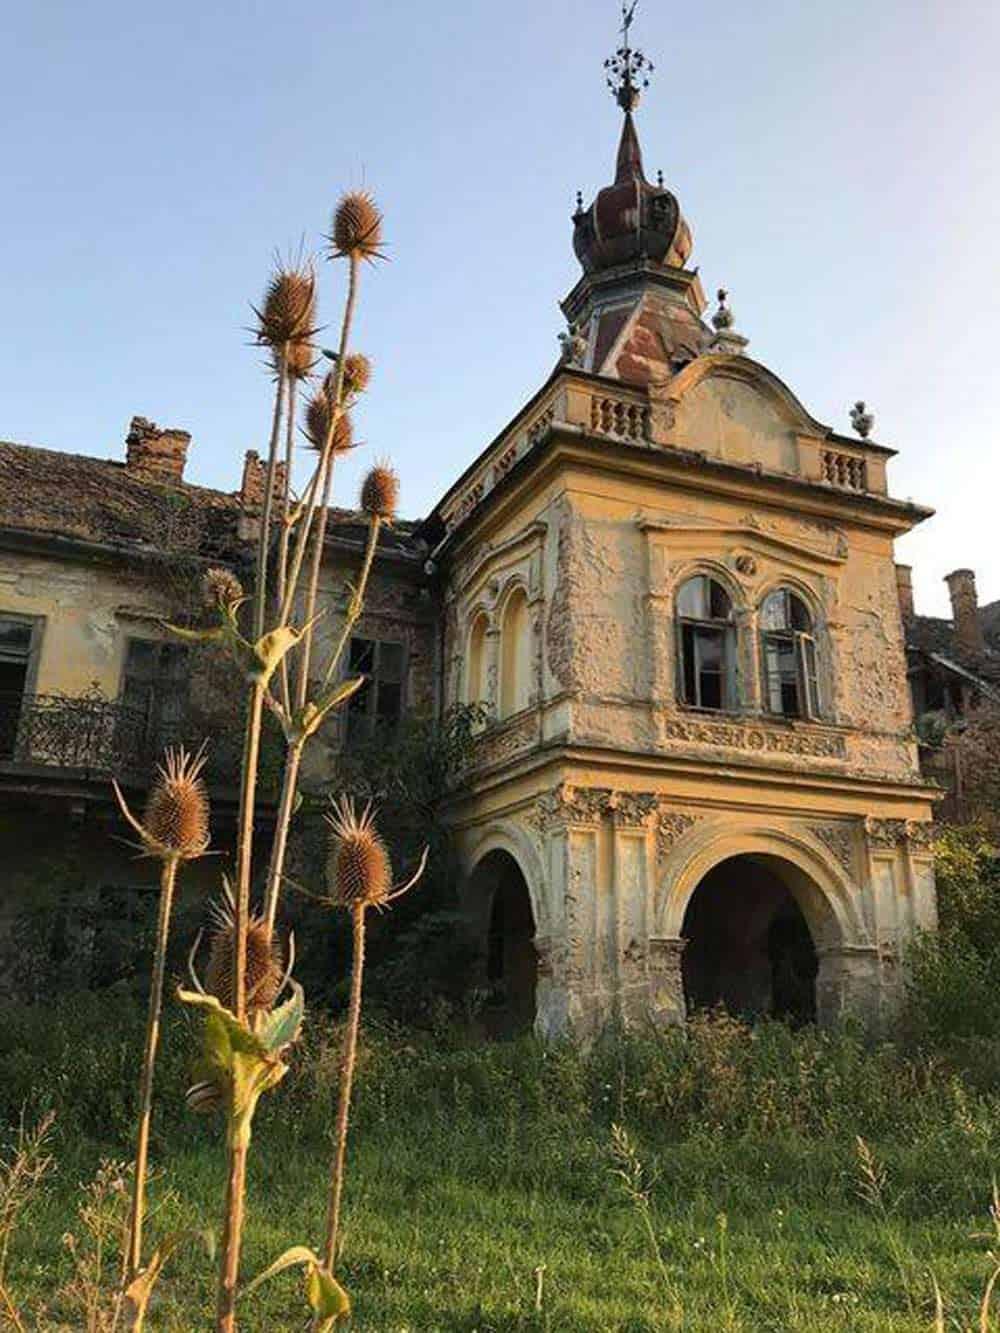 OBRASTAO U VEGETACIJU: Dvorac Bisinger u Vlajkovcu